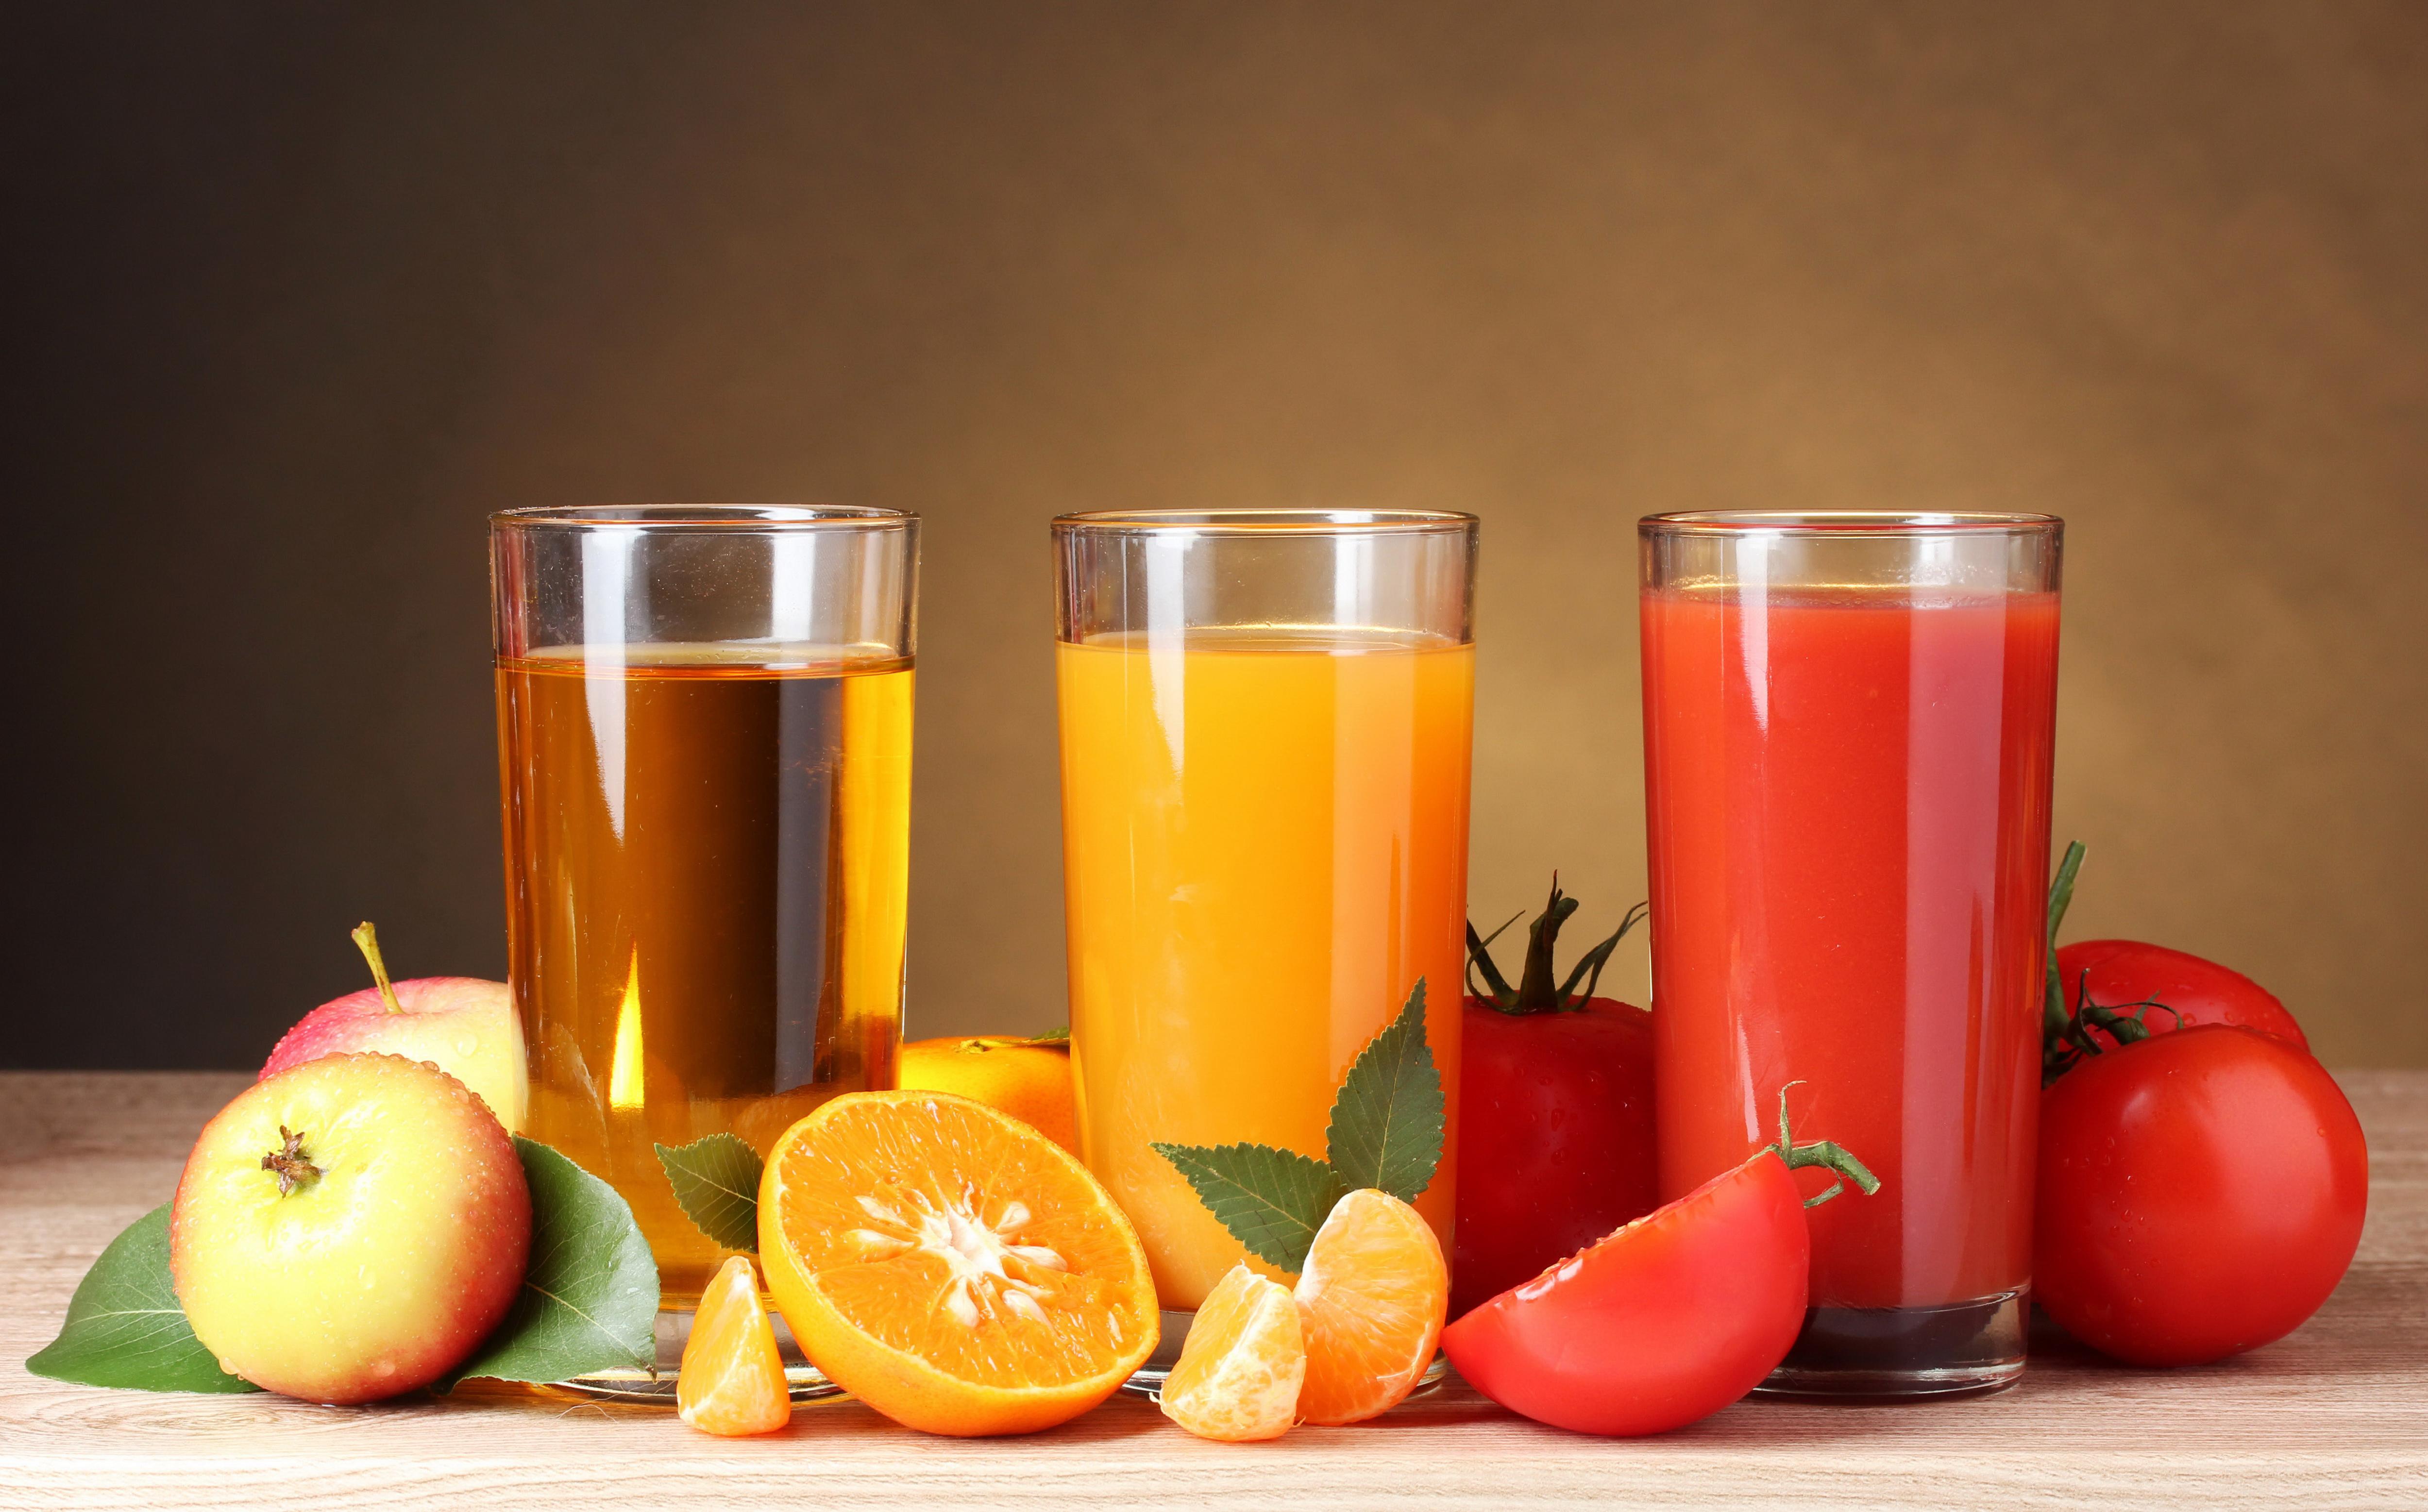 Картинки Сок Апельсин Помидоры Яблоки стакана Трое 3 Продукты питания Томаты Стакан стакане Еда три Пища втроем